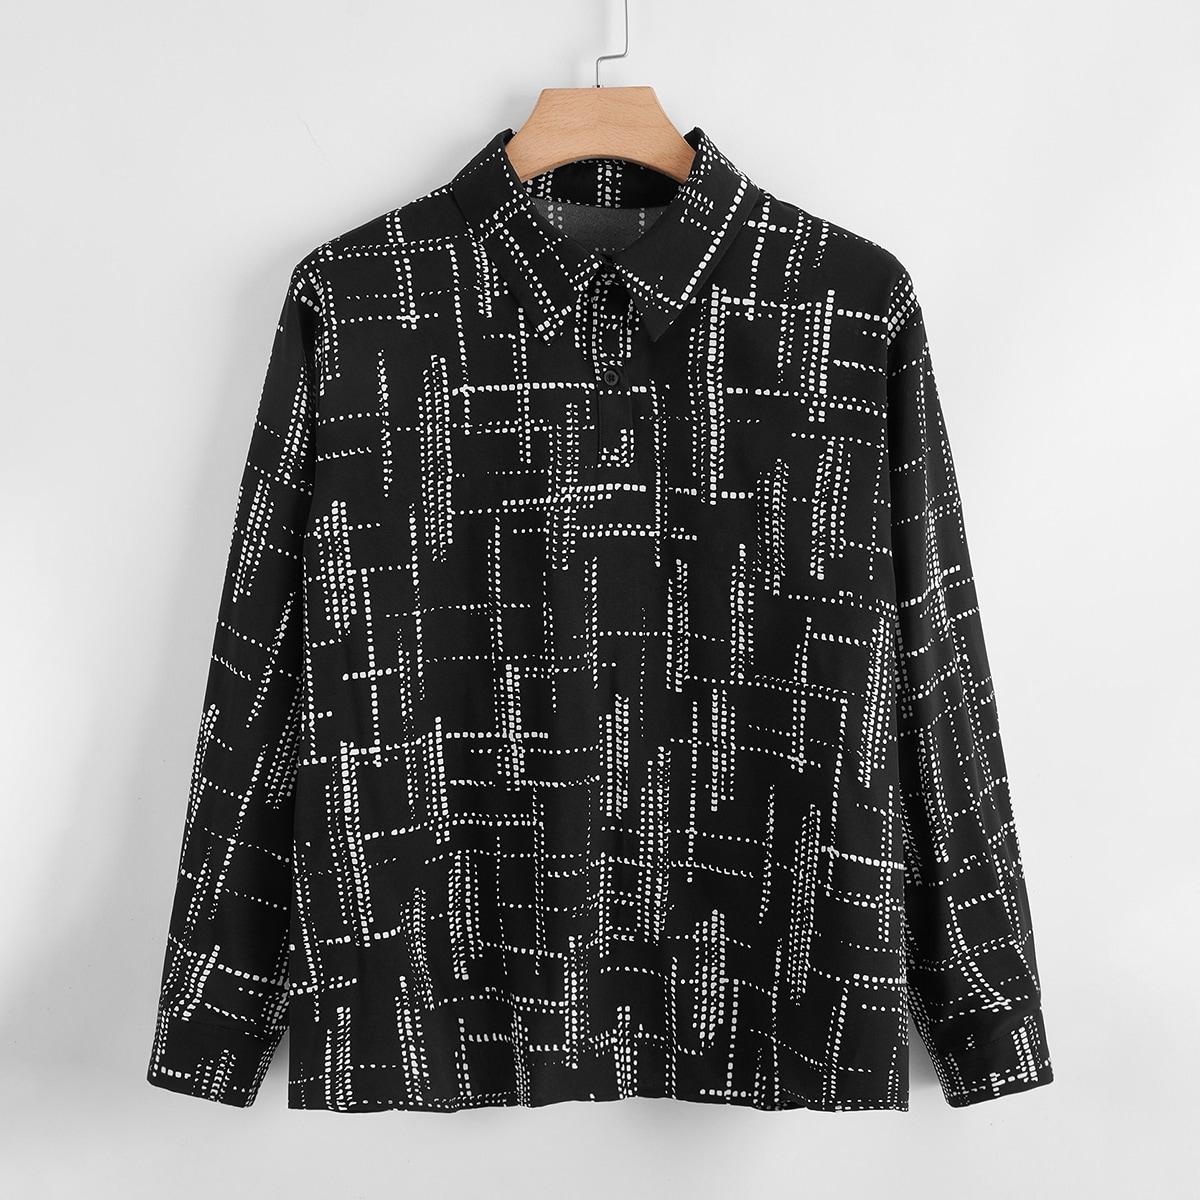 SHEIN Casual Volledig geprint Grote maat blouse